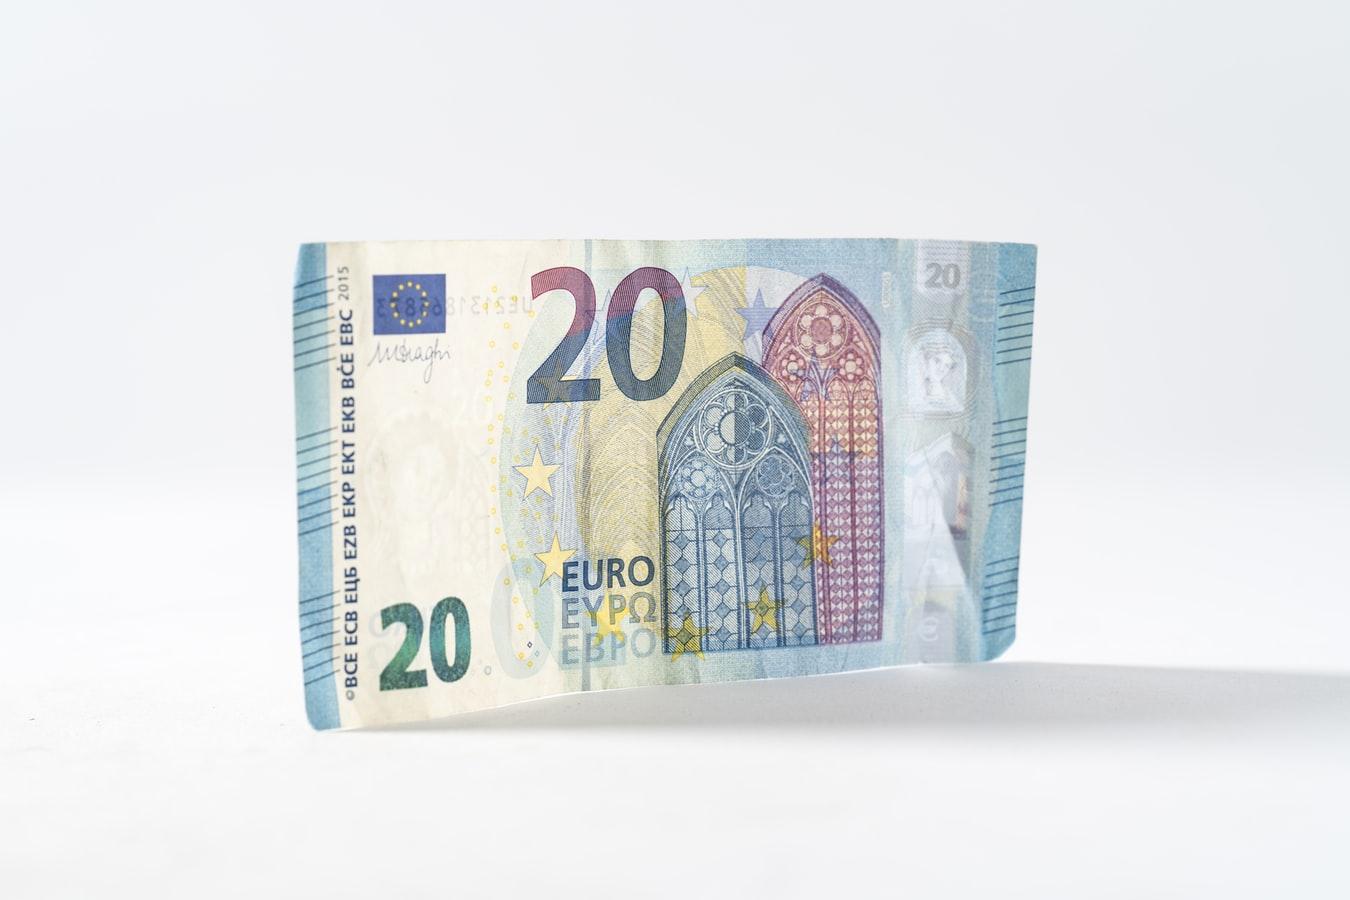 Bonus Renzi - Banconota di 20 euro con sfondo bianco